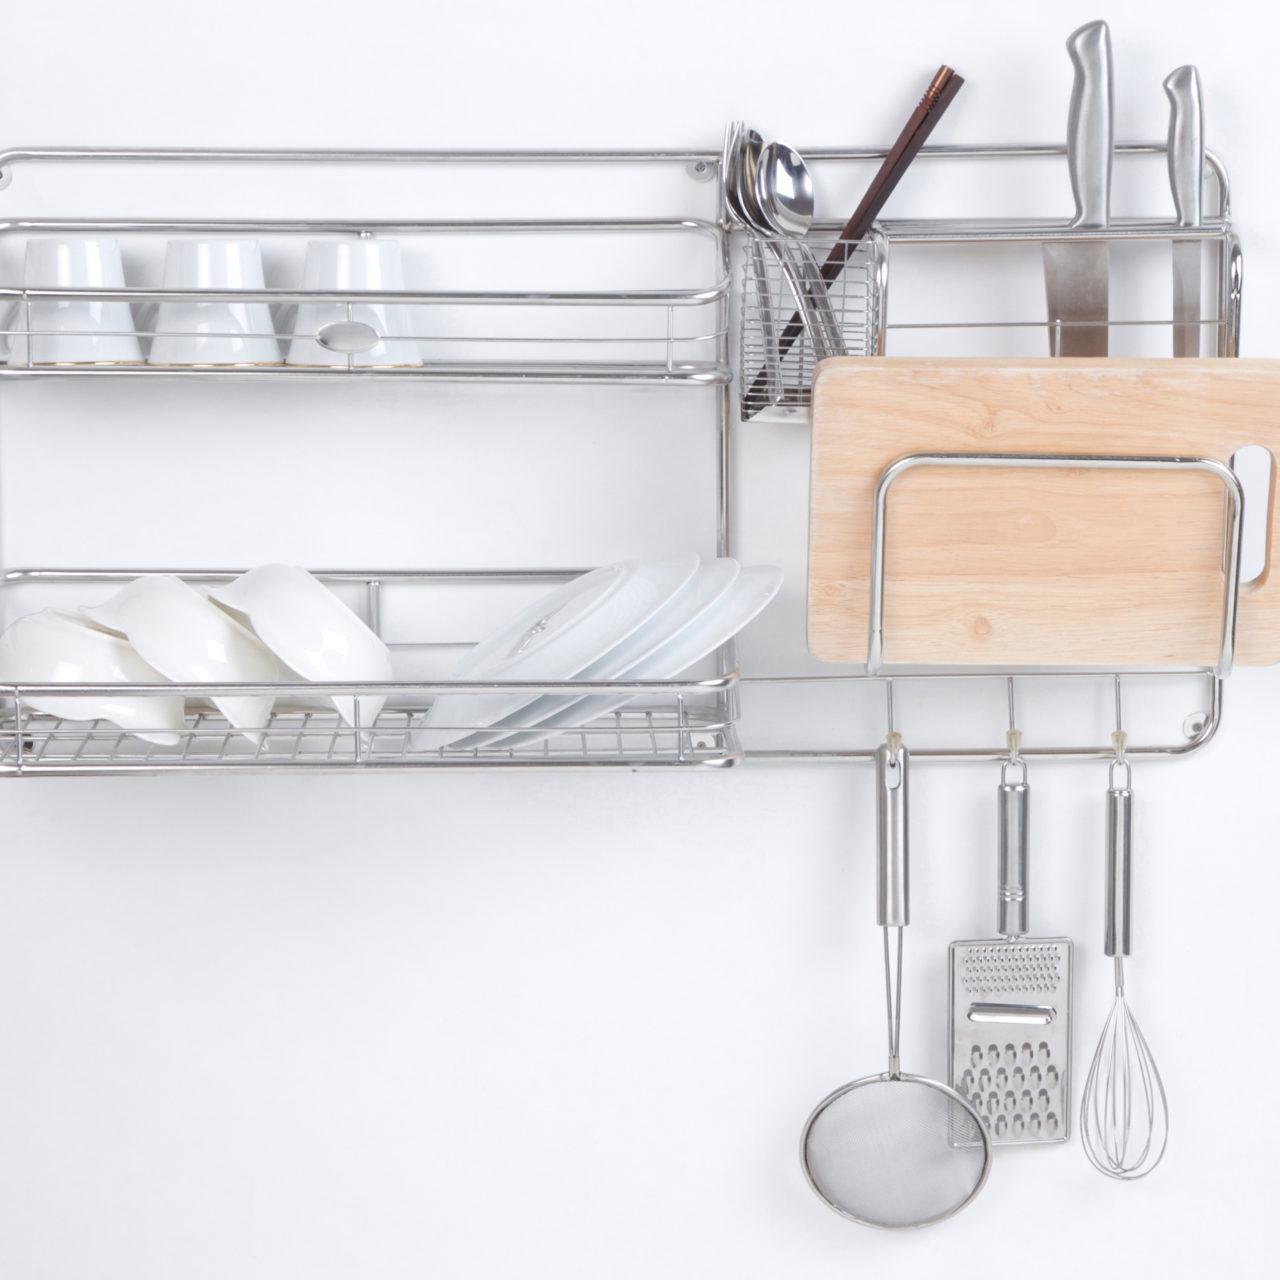 https://www.wudbell.com/wp-content/uploads/2020/03/Kitchen-Organiser-1280x1280.jpg